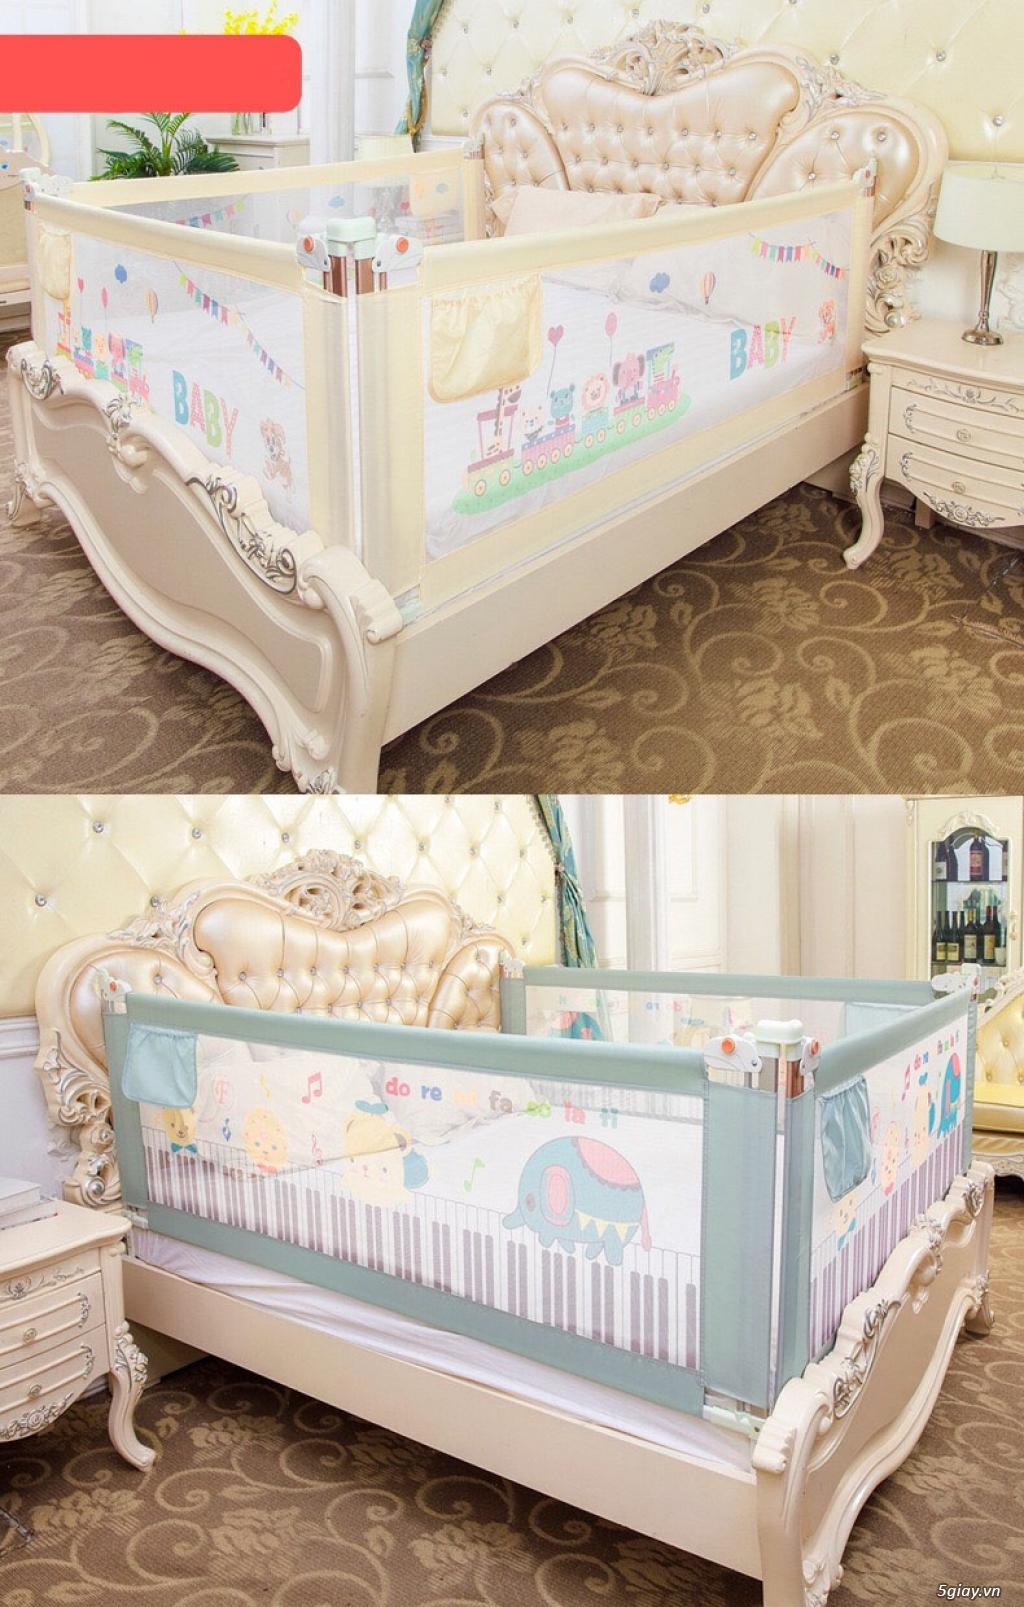 Tấm quây giường an toàn 3B Mart cho trẻ nhỏ - 1